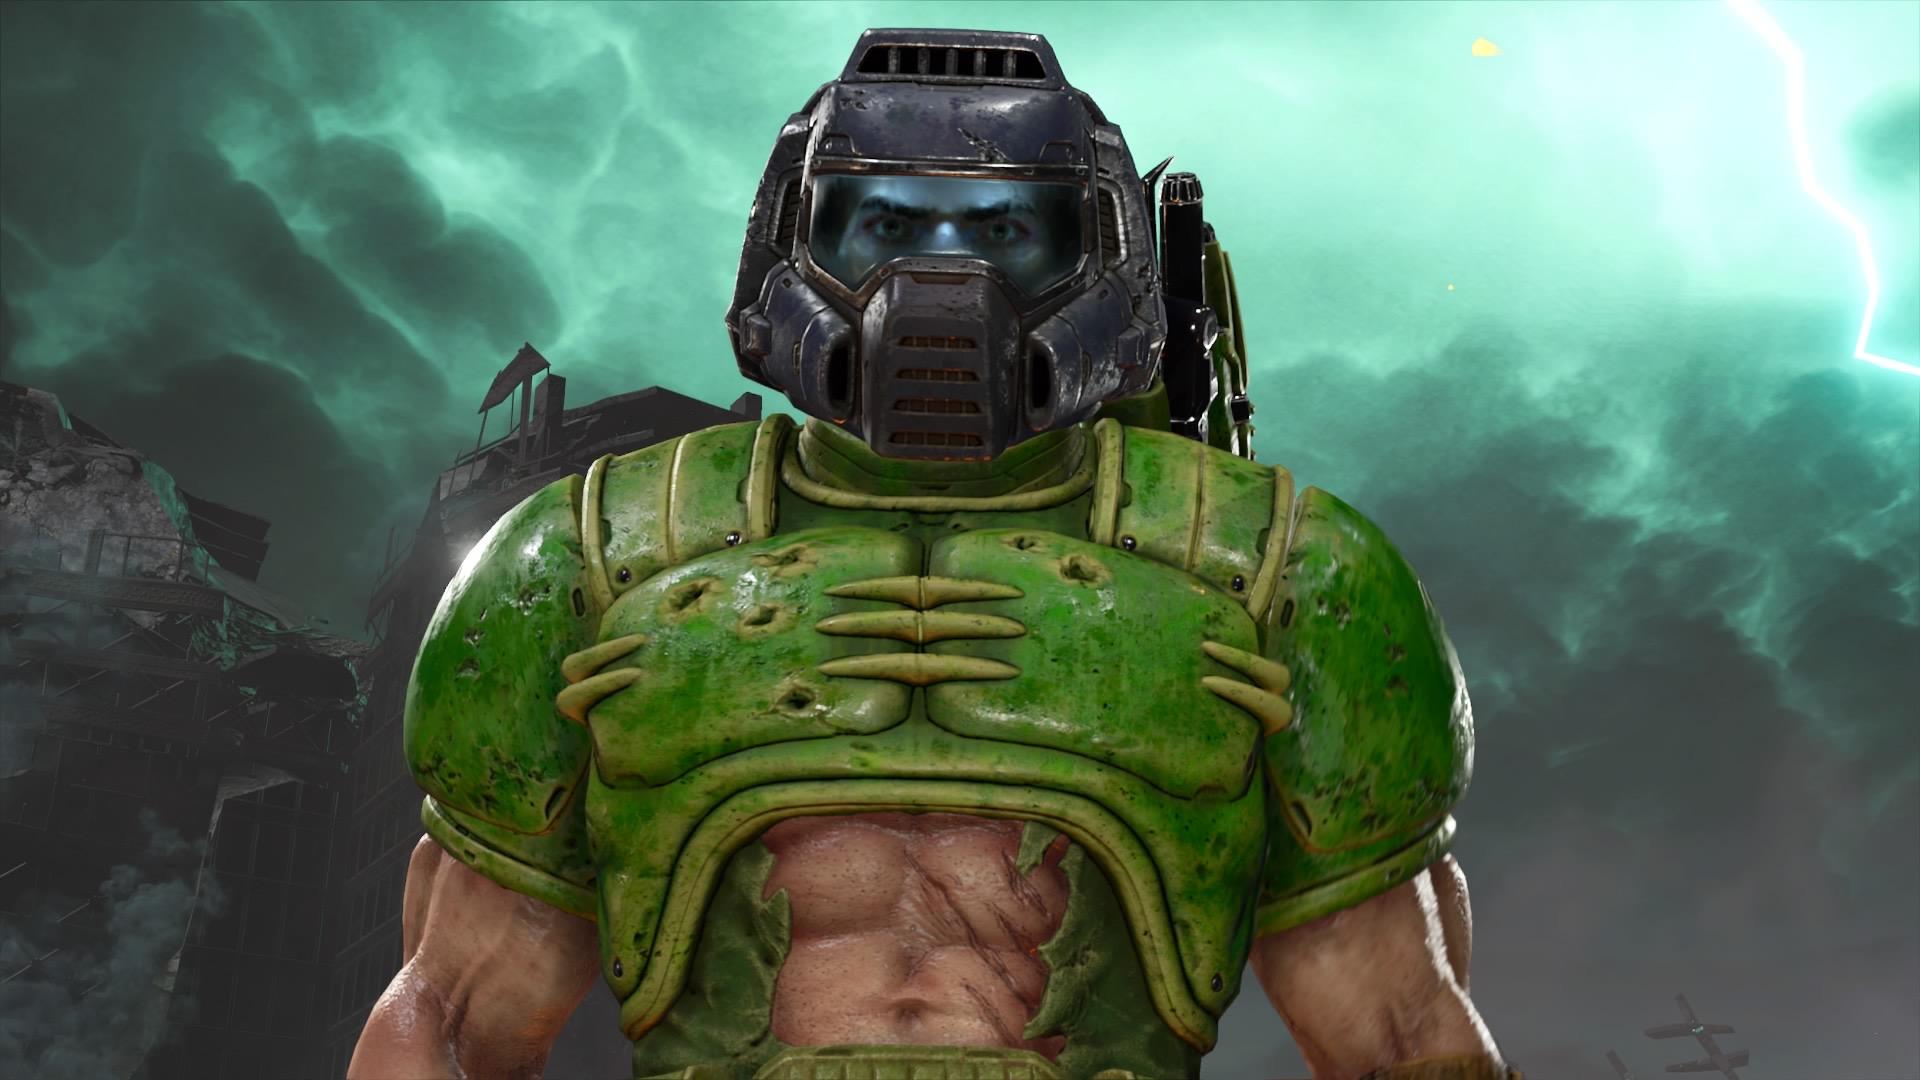 Zer gordetzen du Doomguy-k mahaigainean eta nondik datorkizu Fallout gida?  DOOM Eternoan gotorlekua gag nirea da